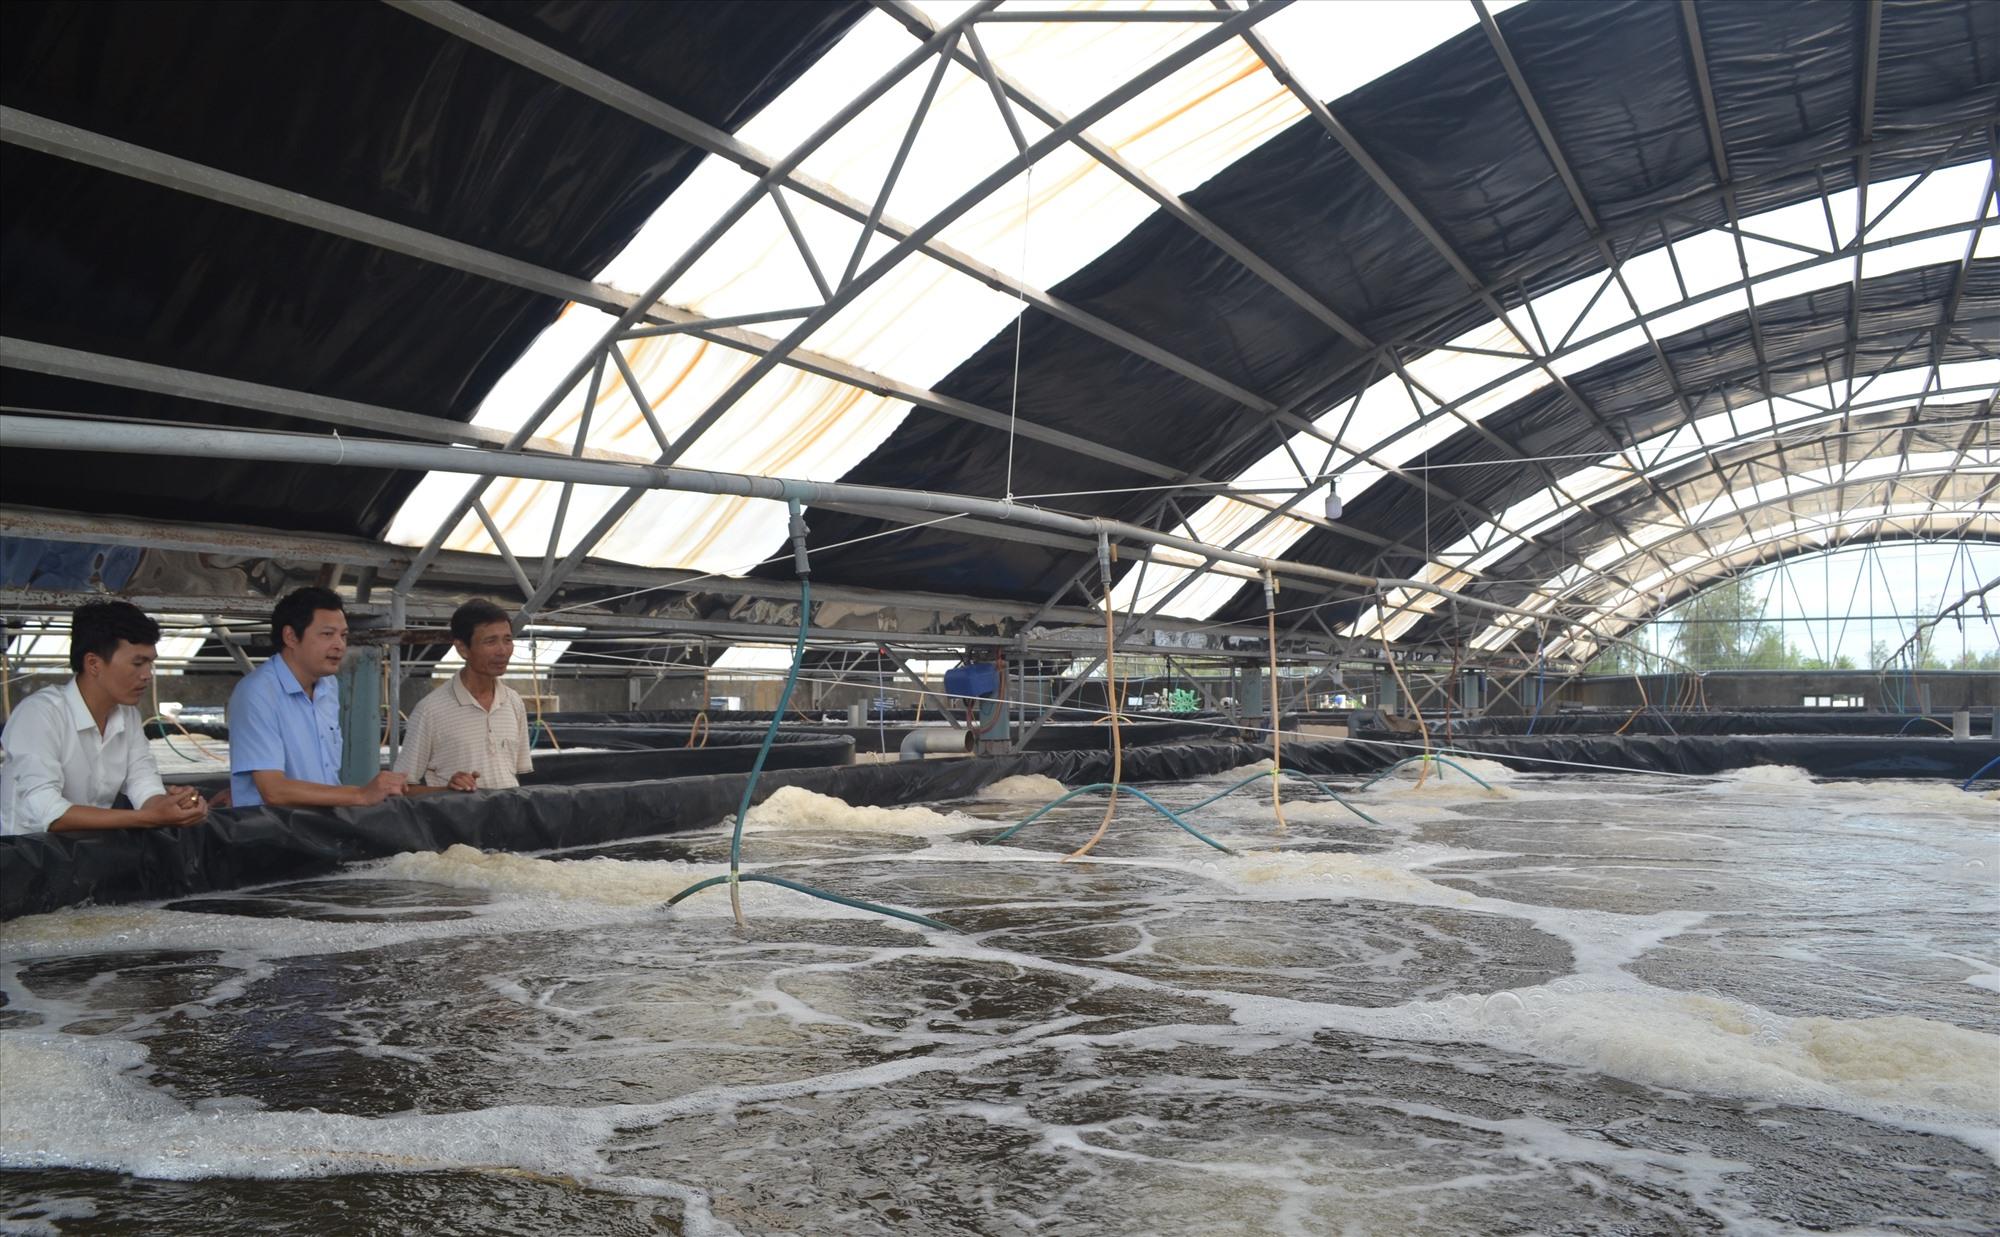 Mô hình nuôi tôm công nghiệp của ông Trần Công Thành. Ảnh: V.N